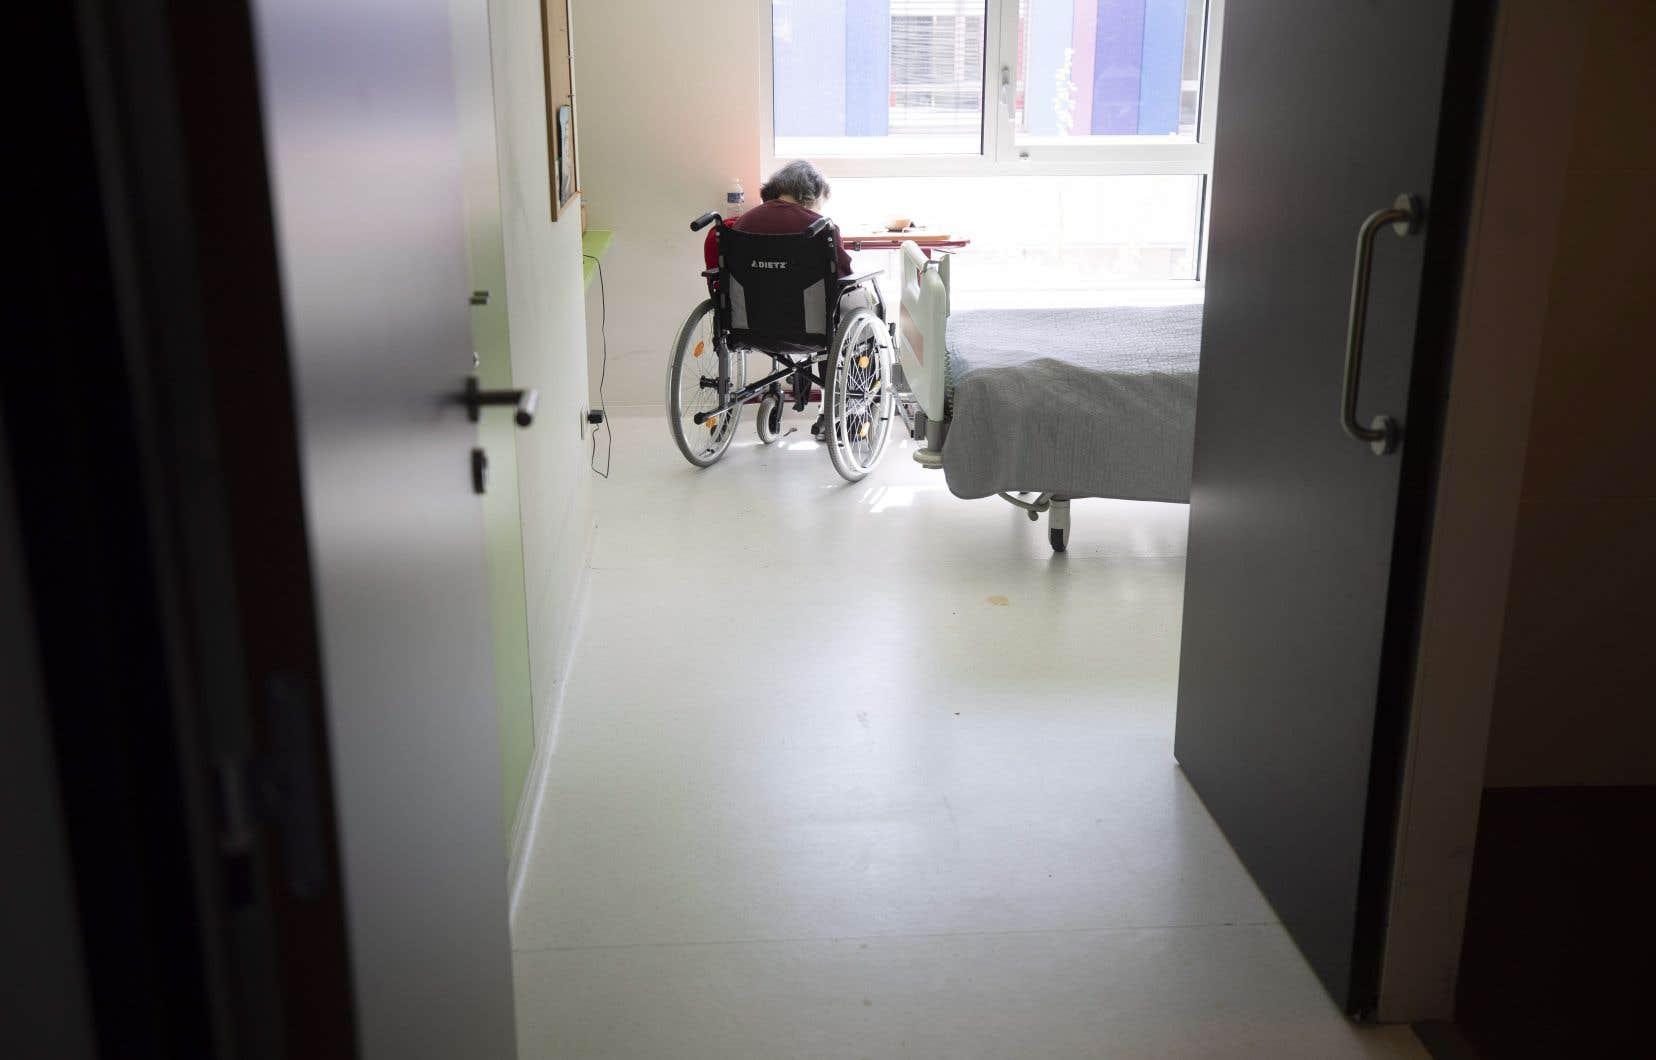 «Les conséquences d'un tel confinement sont nombreuses chez les personnes âgées. En effet, l'isolement social et l'immobilisation qu'elles subissent ont des effets néfastes sur leur santé physique, psychologique et cognitive», affirment les auteurs.